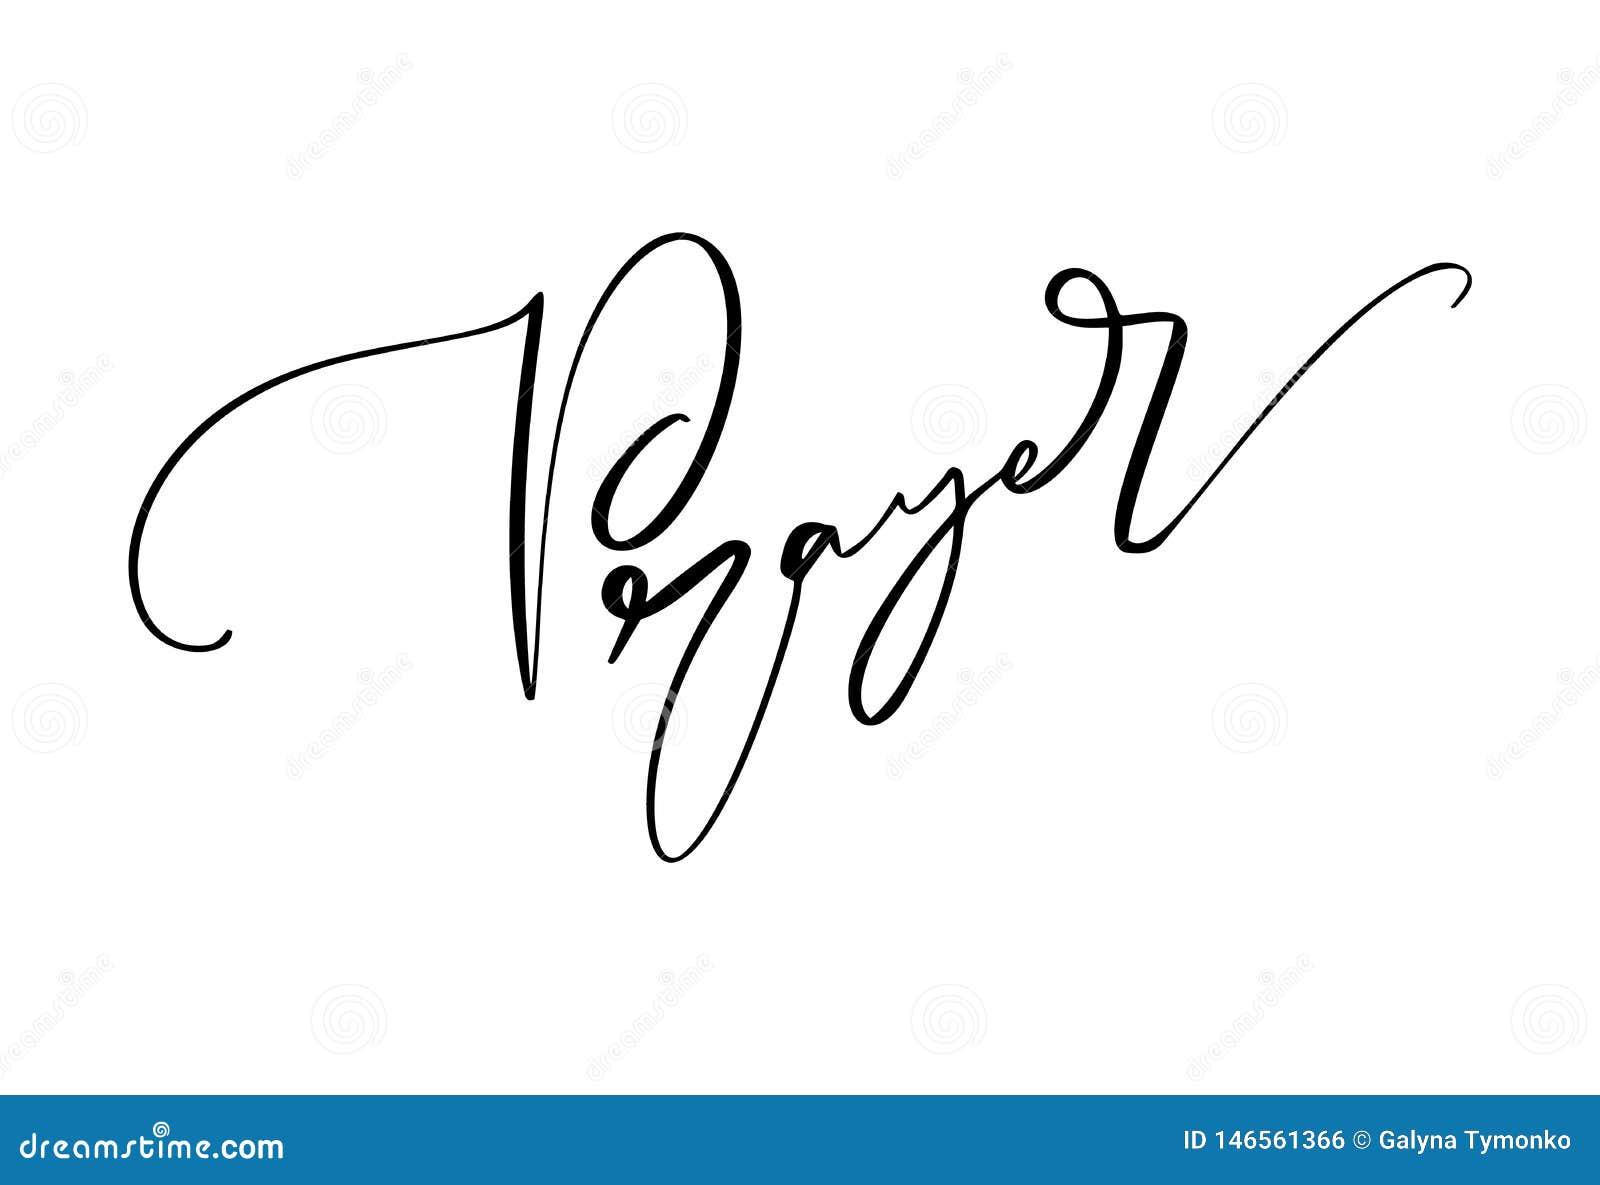 Текст молитве каллиграфии руки вычерченный Христианская литерность оформления, рисуя дизайн для знамени, плаката, верхнего слоя ф